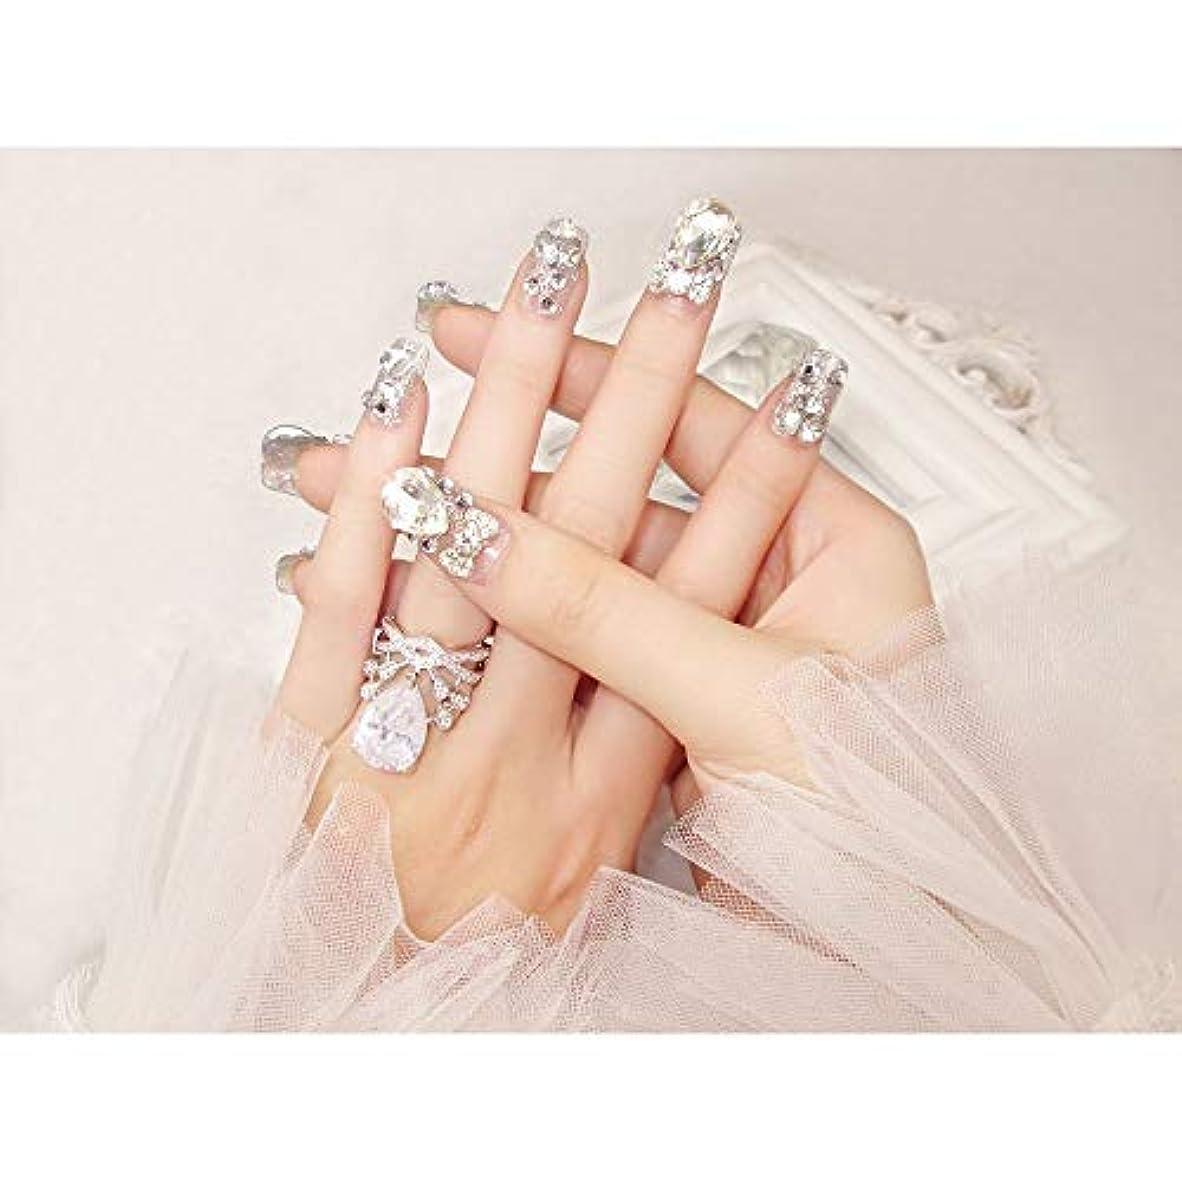 割り当ていらいらさせるゆりBOBIDYEE 完成した偽の釘24ピース箱入り花嫁シャイニー偽の爪の宝石ダイヤモンドの宝石ブライダルネイルステッカー (色 : 24 pieces)